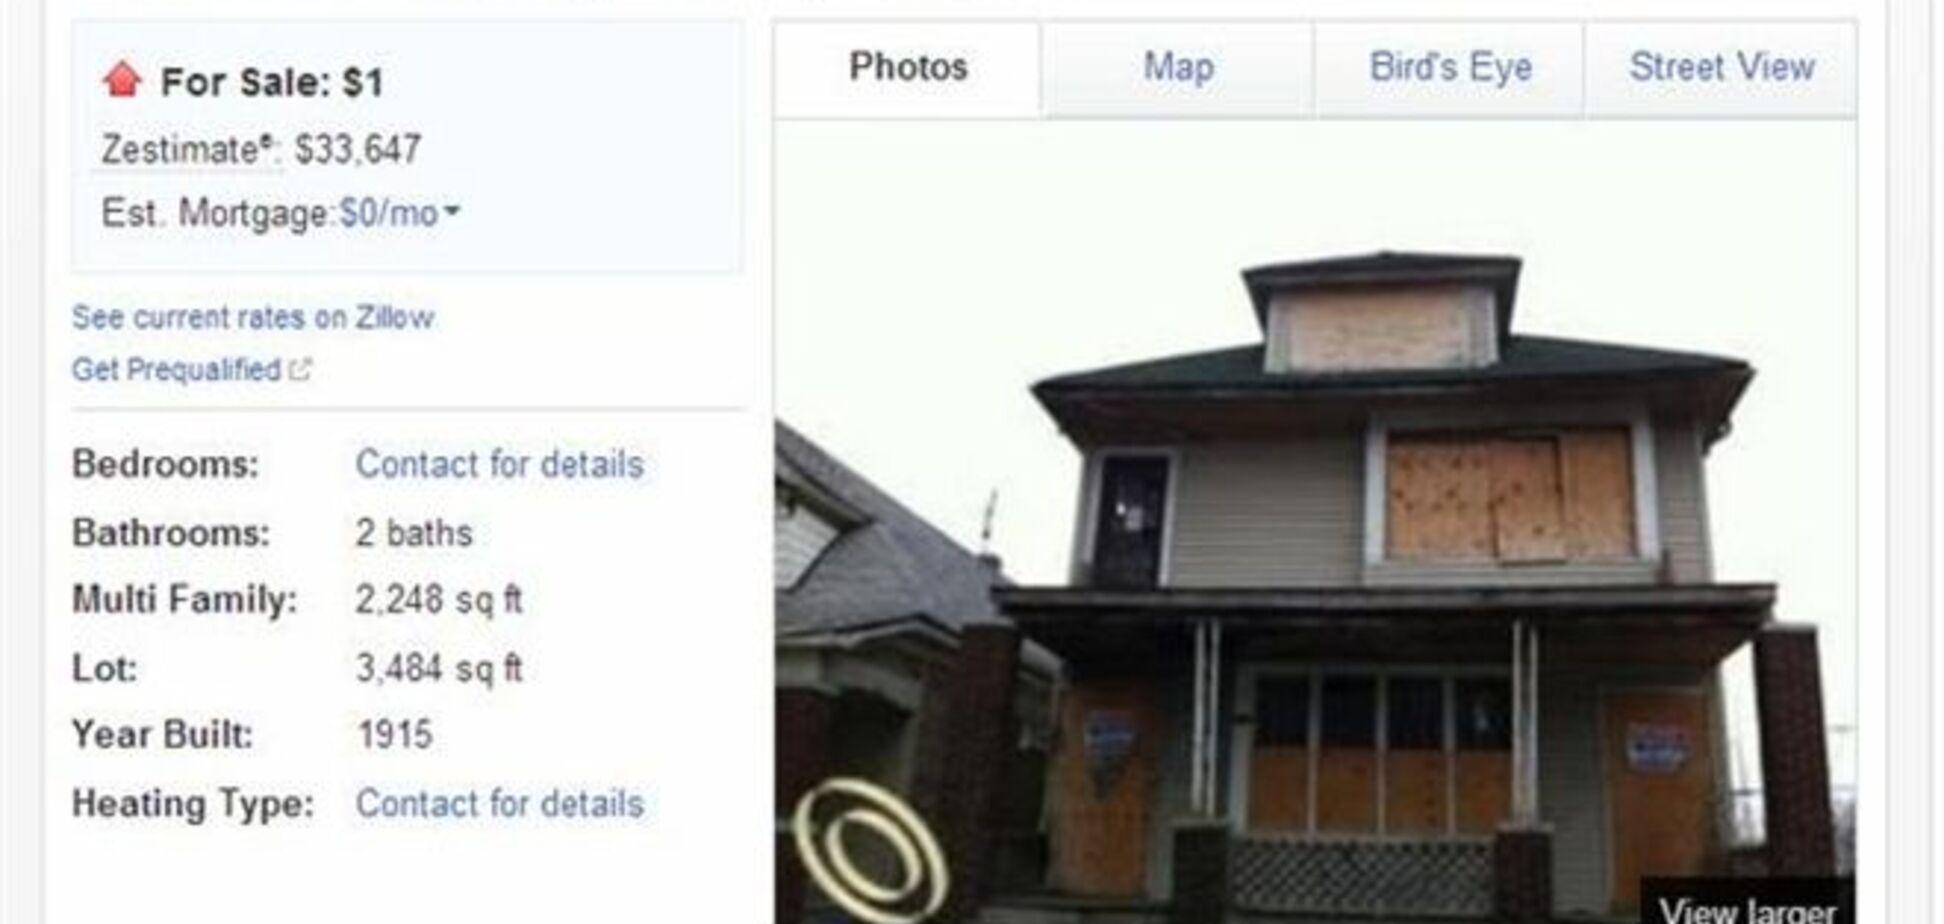 В Детройте продаются дома по цене в один доллар